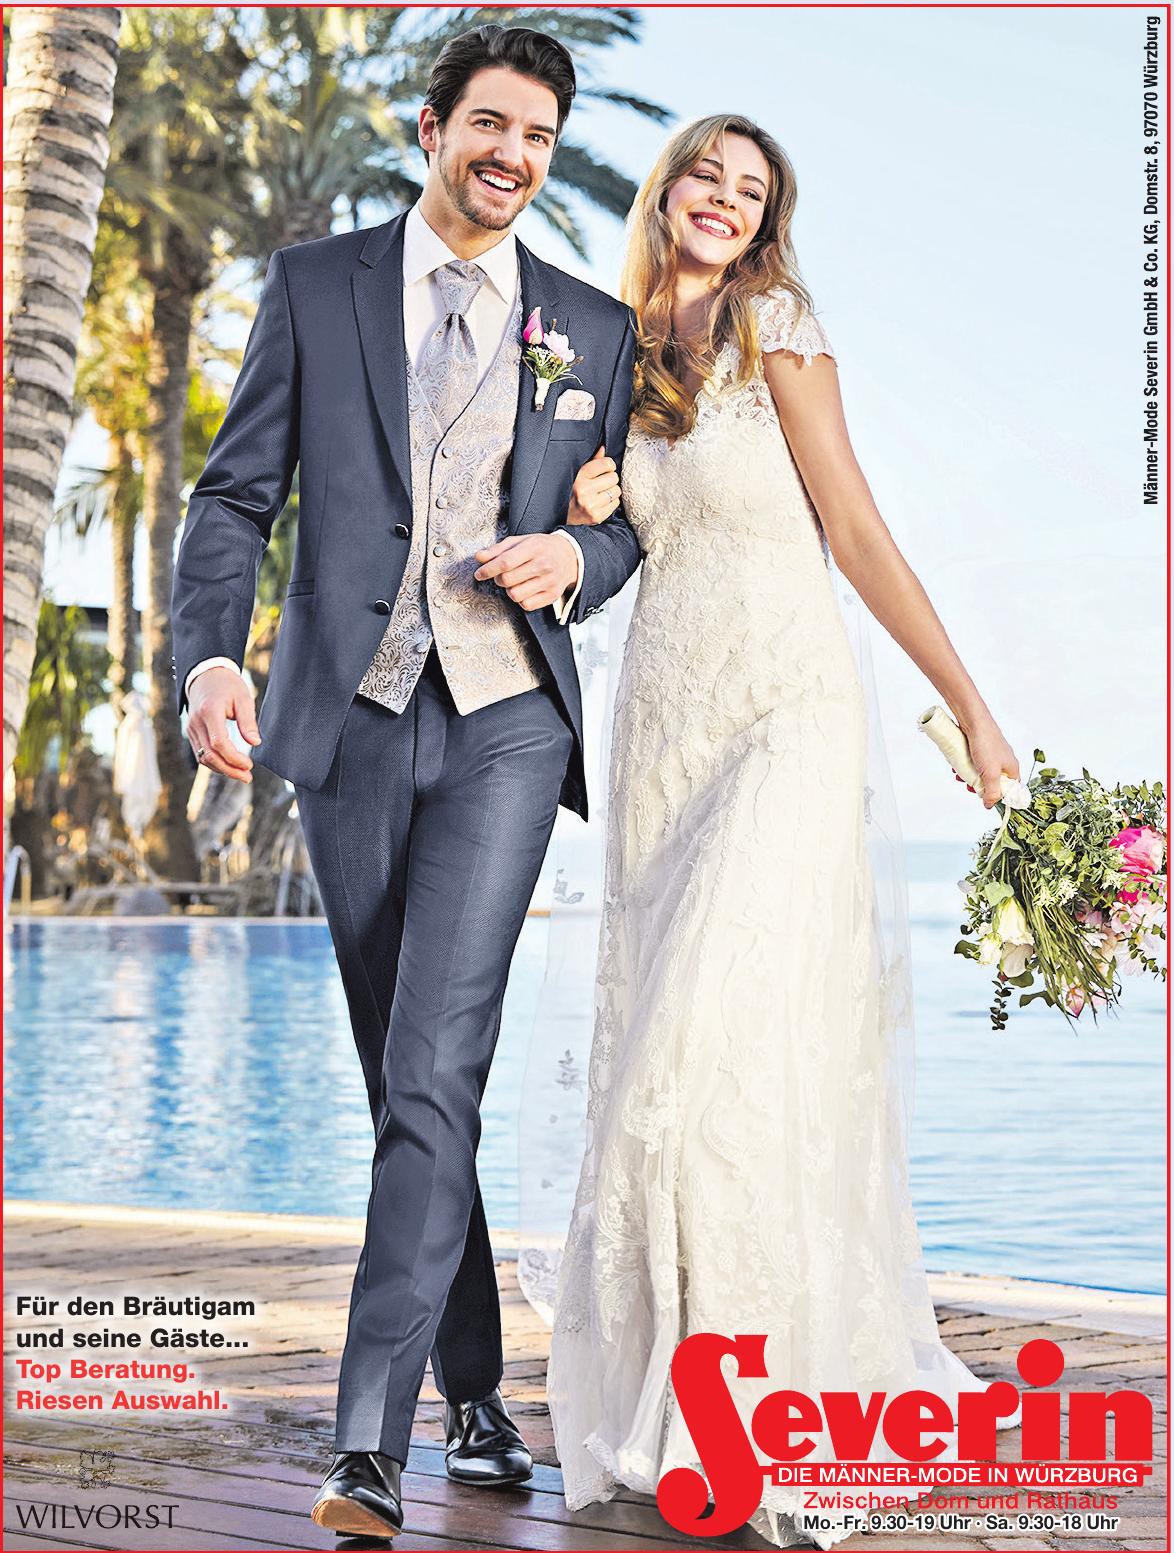 Männer-Mode Severin GmbH & Co. KG